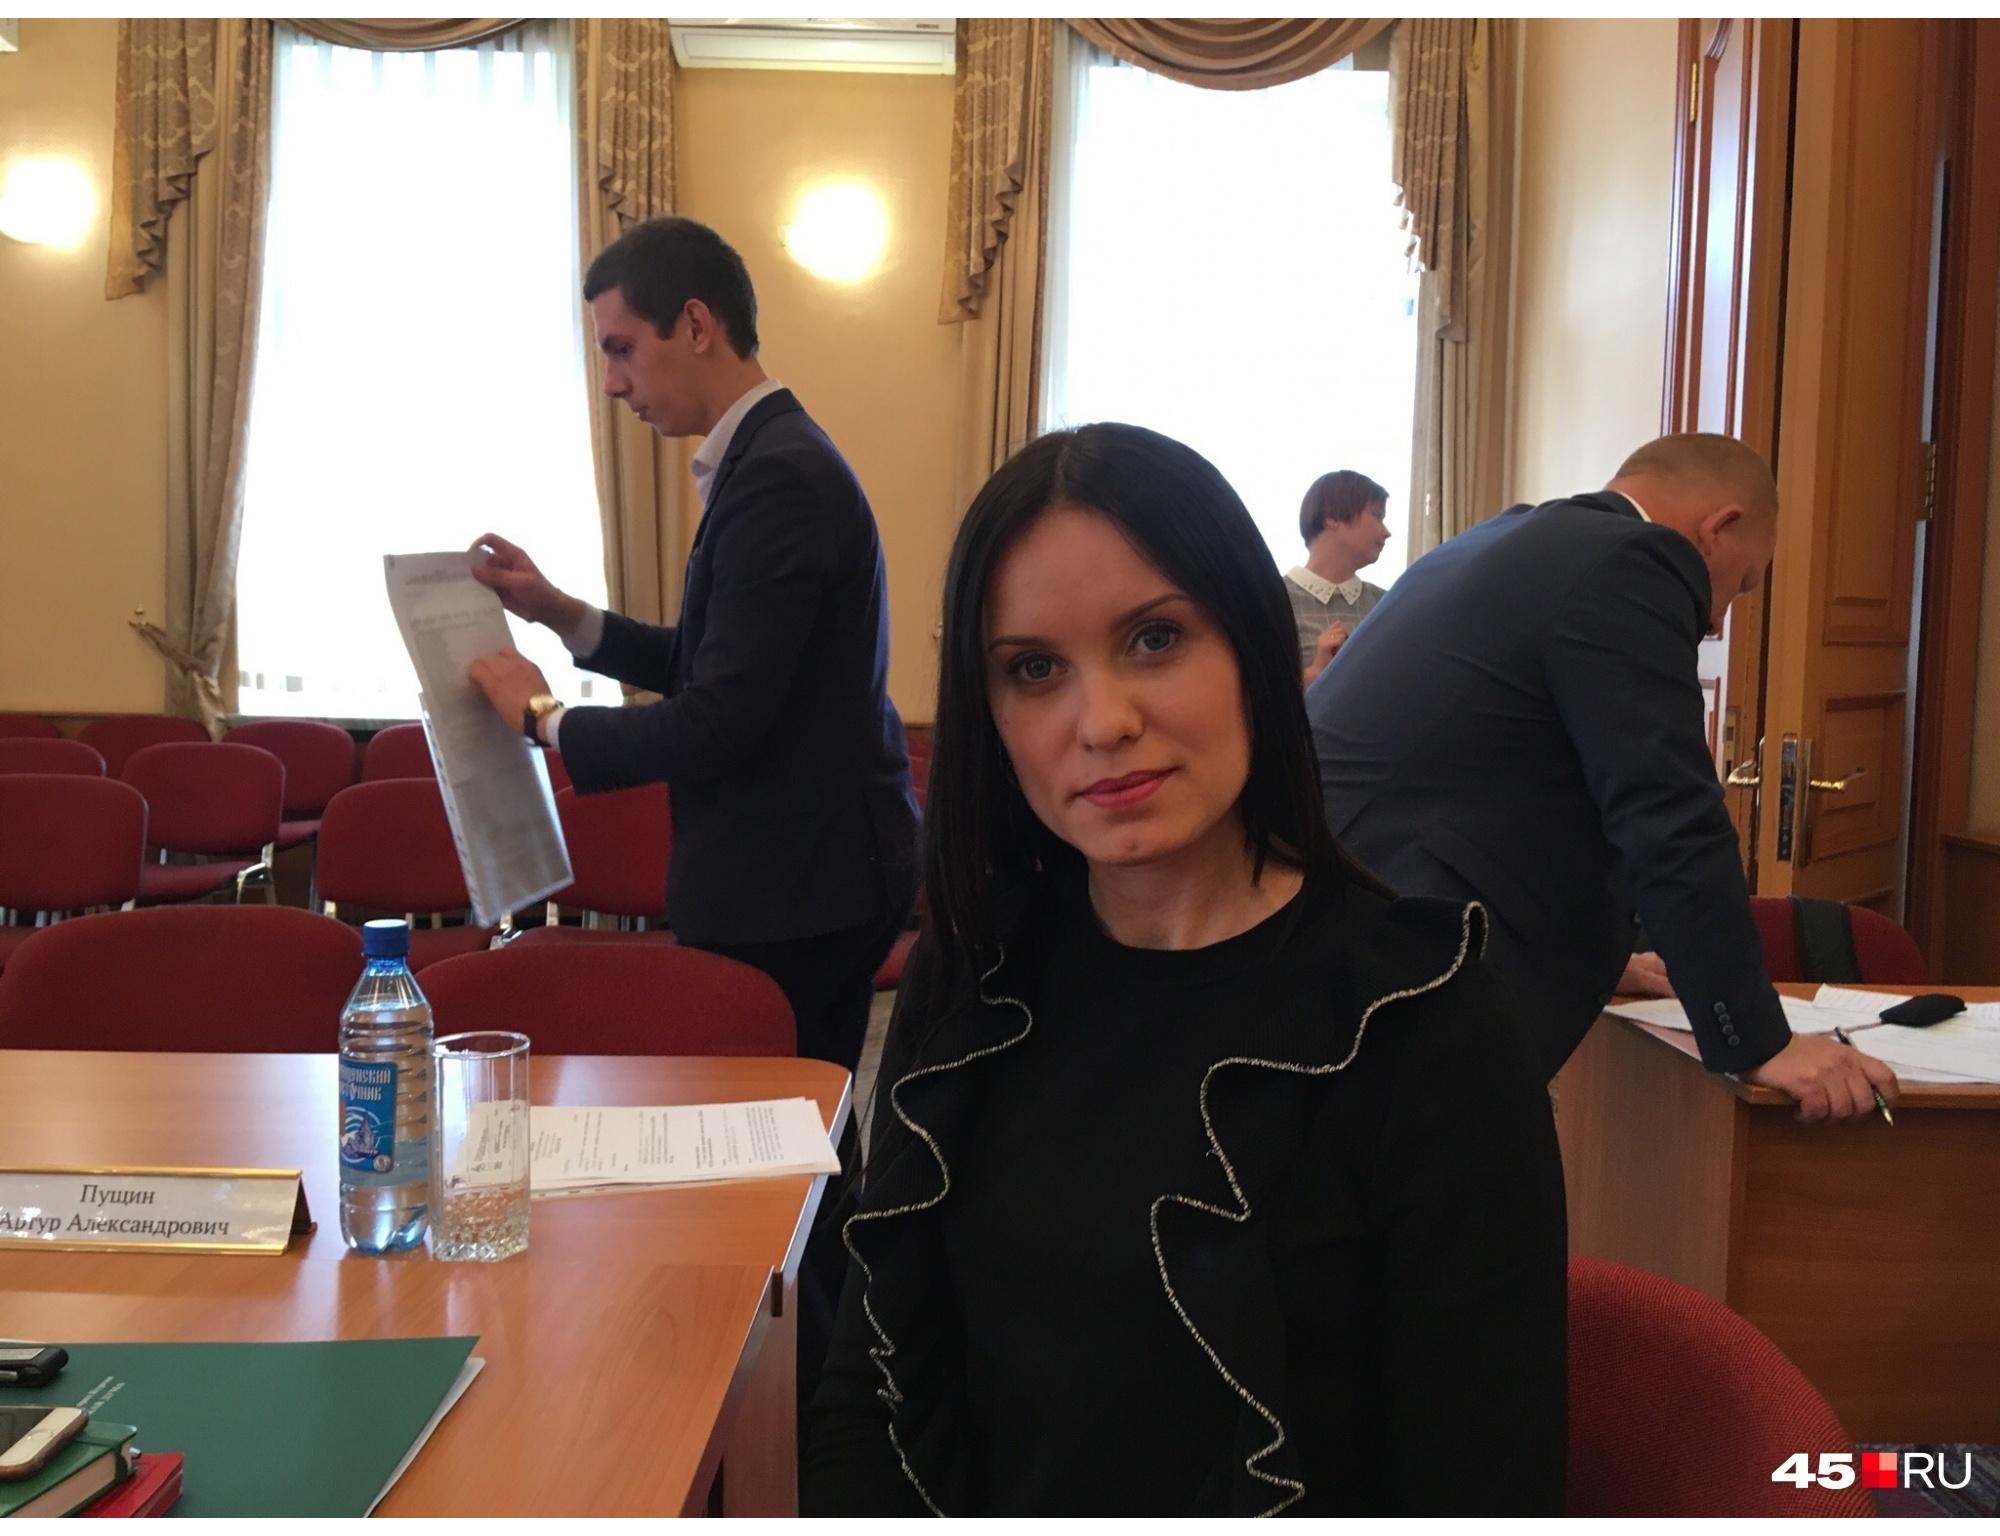 Анастасия Романович представляет девятый избирательный округ